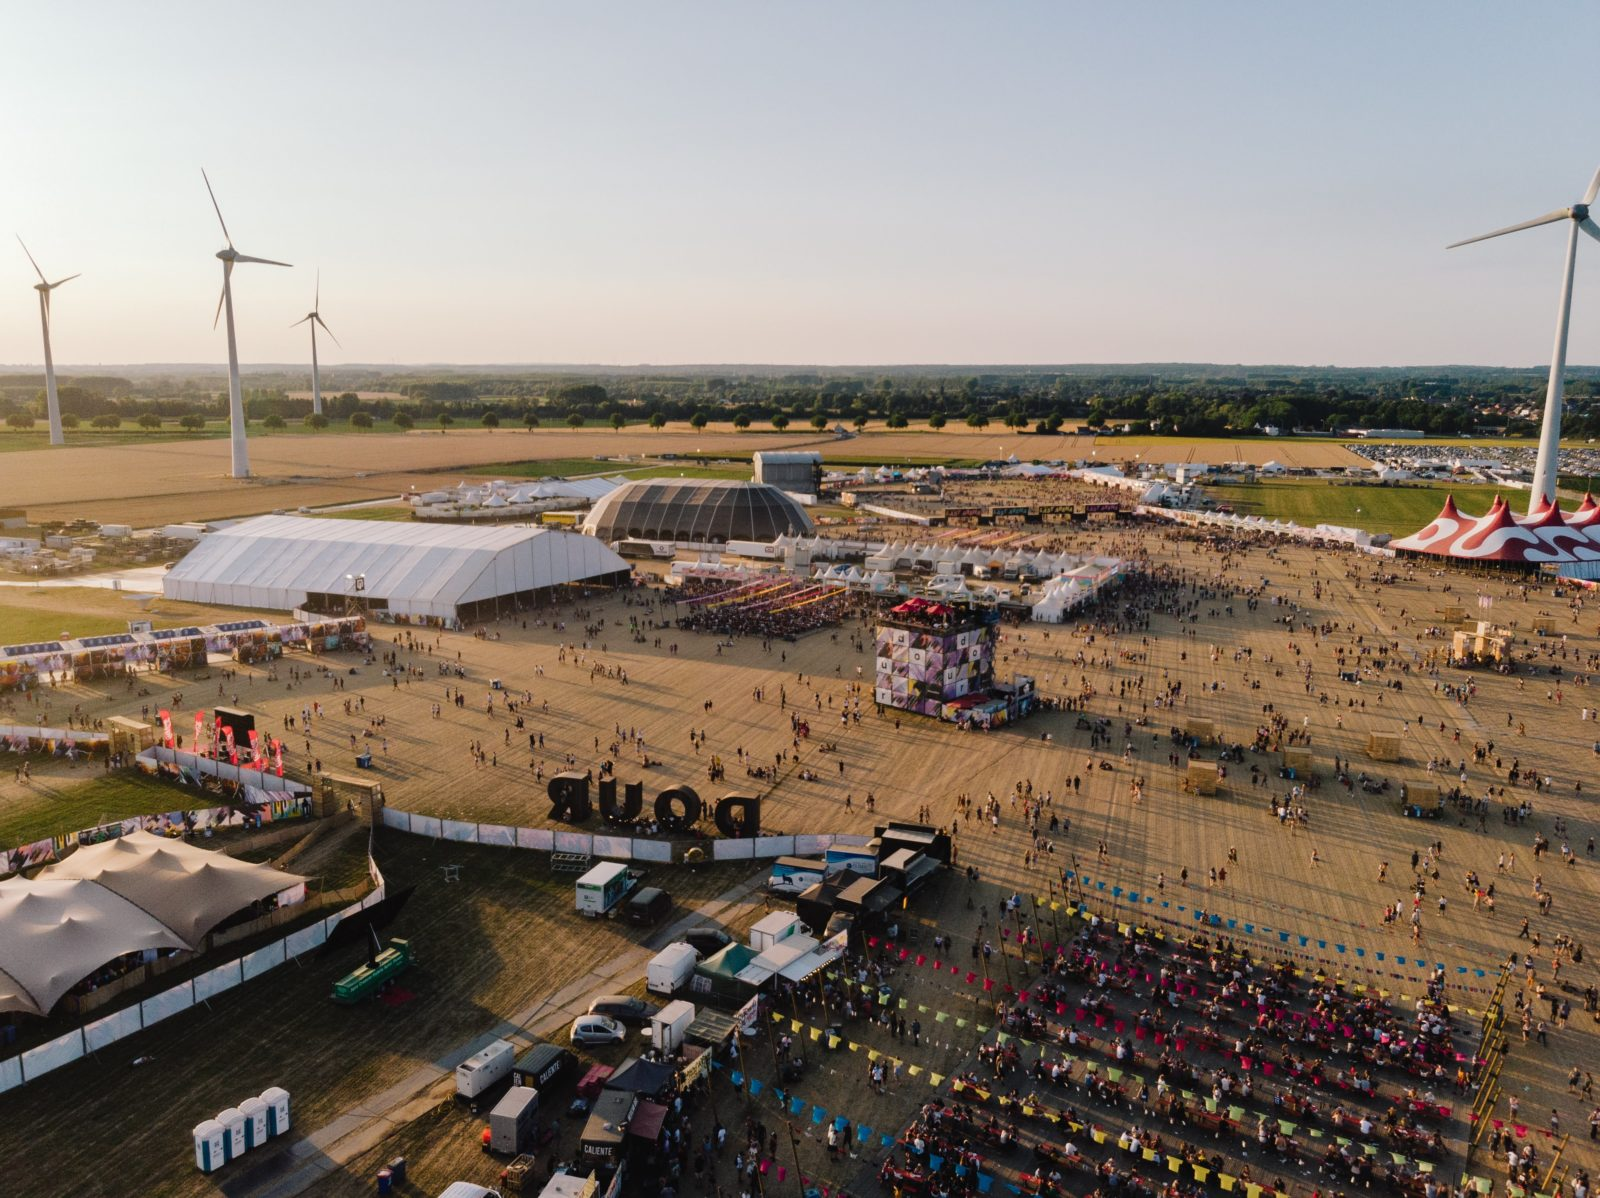 Dour-2018-Drone-©-Mathieu-Drouet-2-DJI_0690-1600x1198